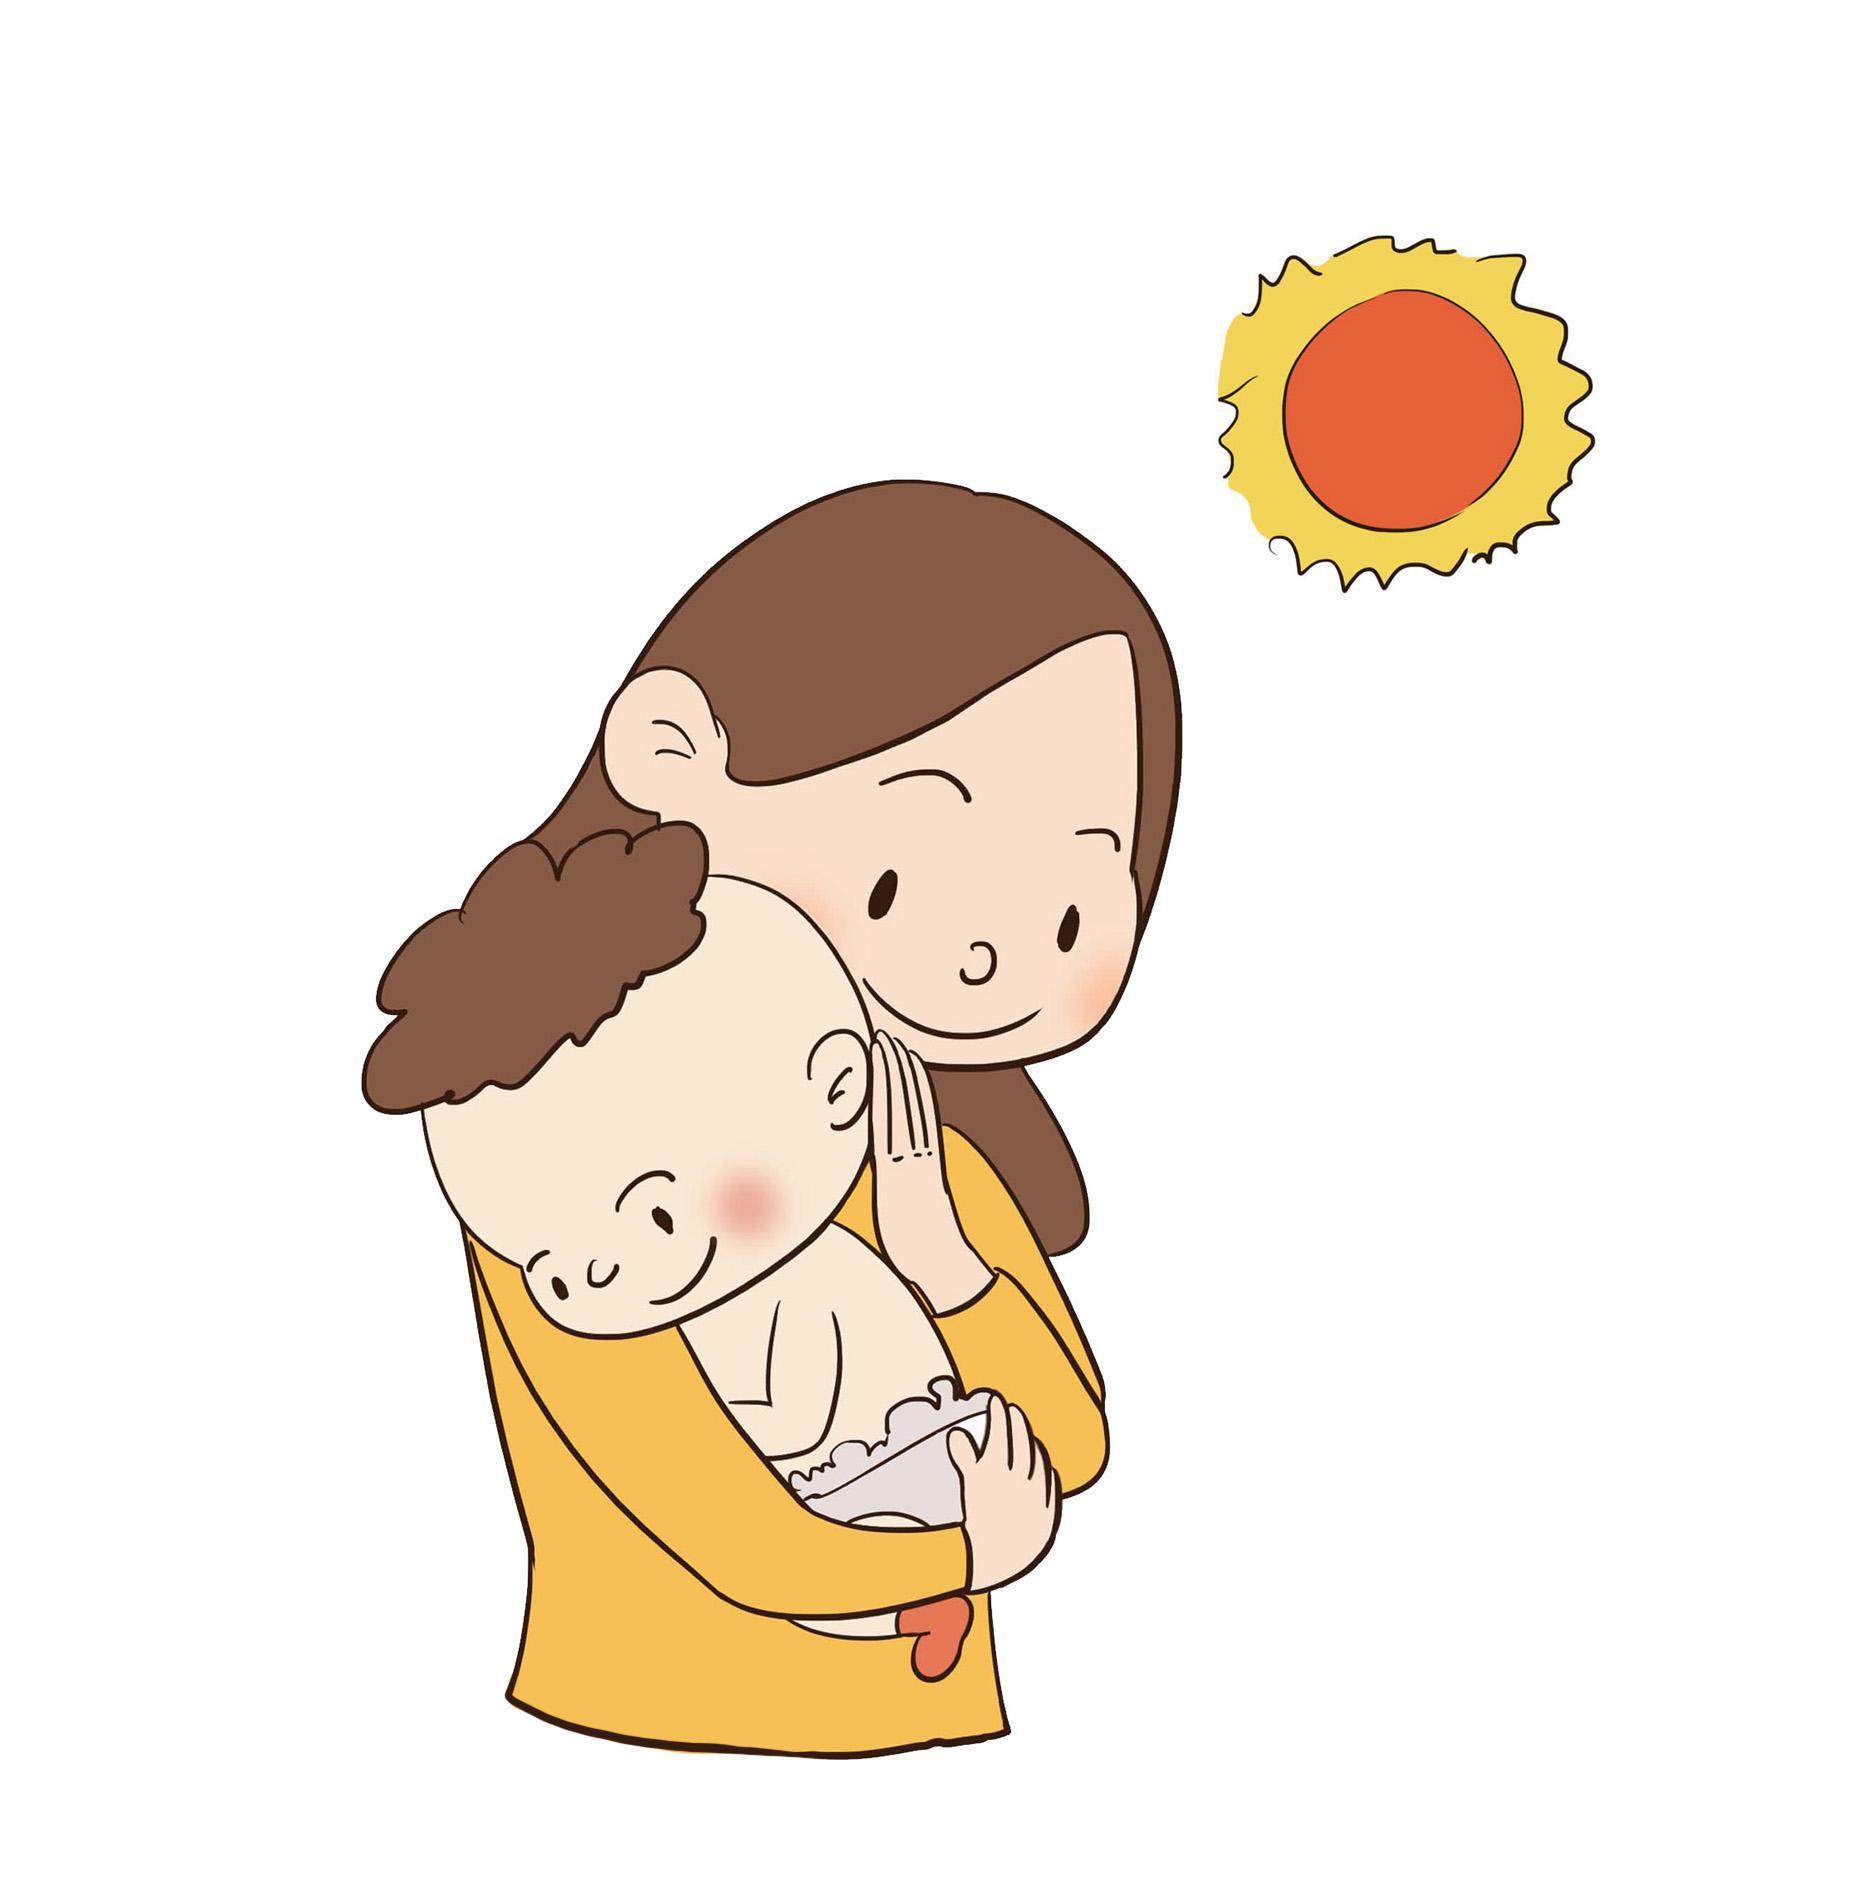 Thói quen ẵm bồng quá nhiều cũng khiến cột sống của trẻ dễ bị xiêu vẹo